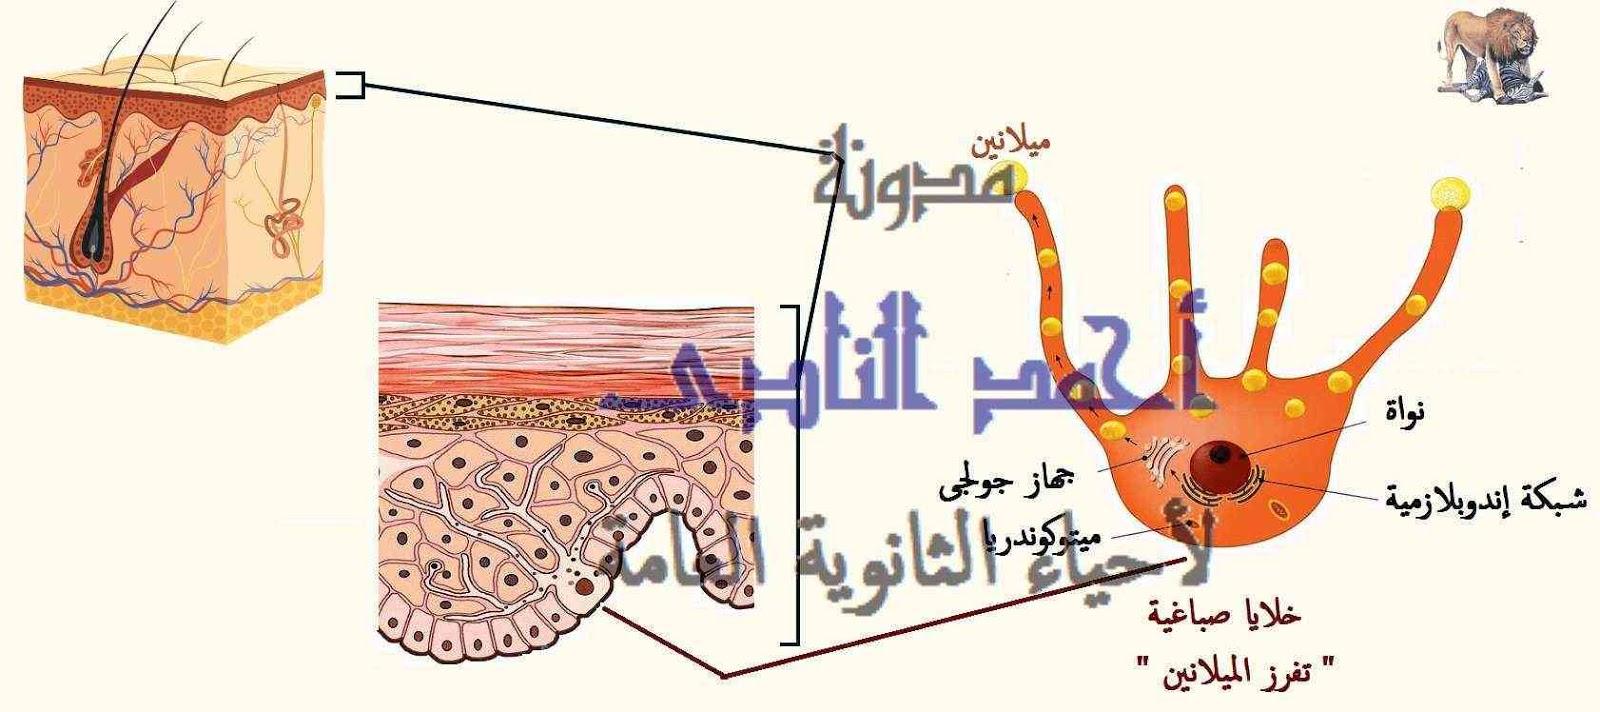 الجينوم البشرى - المهق  - مدونة أحمد النادى لأحياء الثانوية العامة